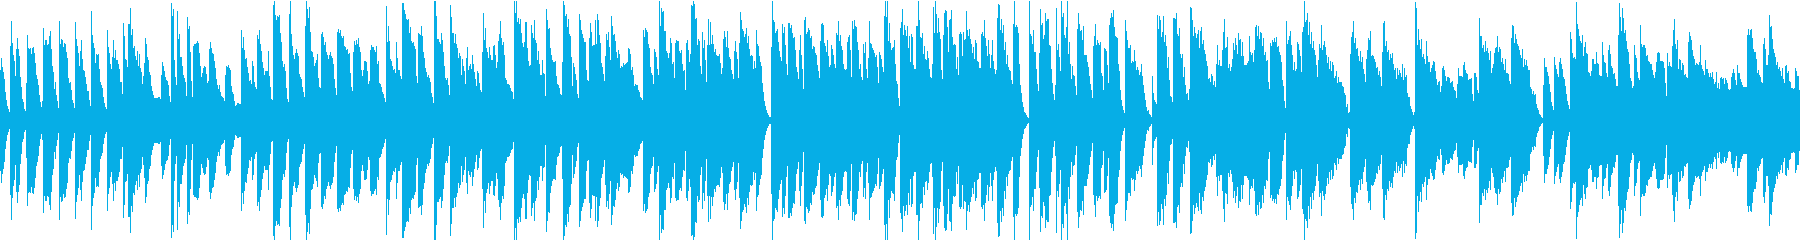 優しいピアノソロ/商品紹介等に/ループ用の再生済みの波形